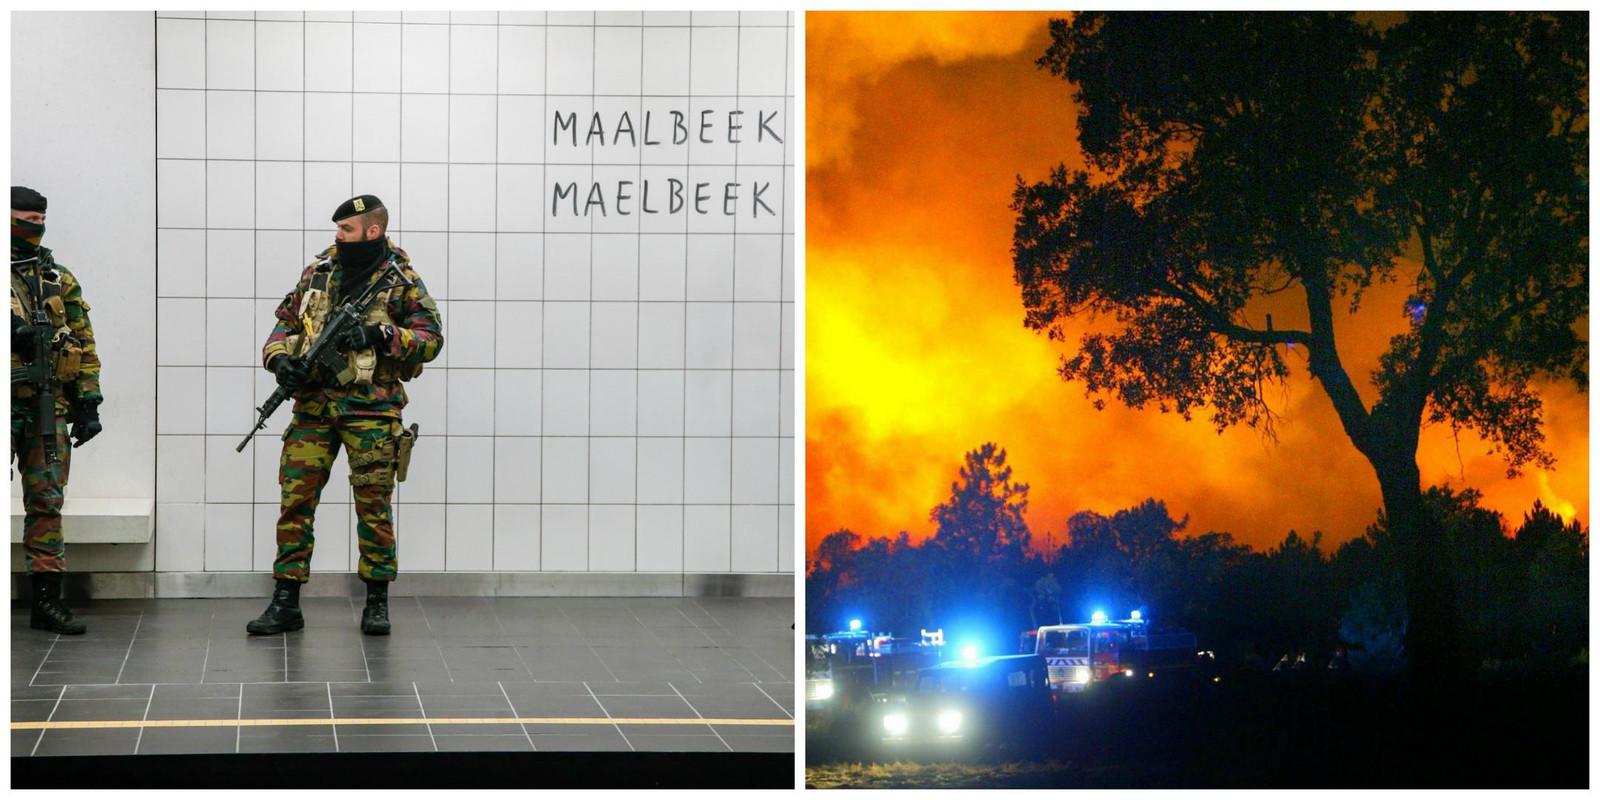 Burgers in Europa hebben het meeste schrik van terreuraanslagen gepleegd door IS (zoals die van 22 maart vorig jaar in metrostation Maalbeek en Brussels Airport) en de klimaatverandering (met hier de bosbranden in het zuiden van Frankrijk).